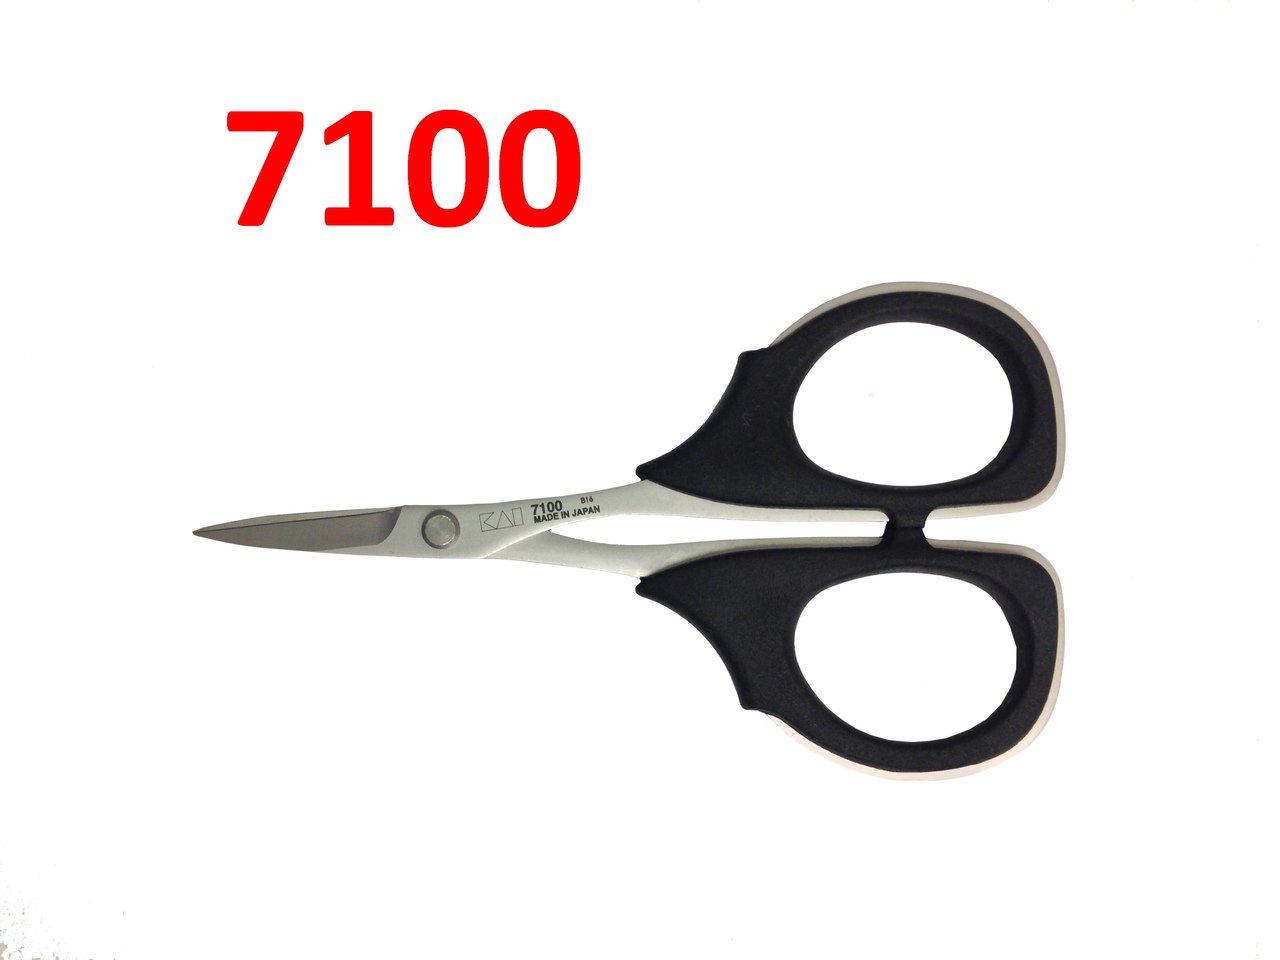 Kai 4 Professional Scissor - #7100